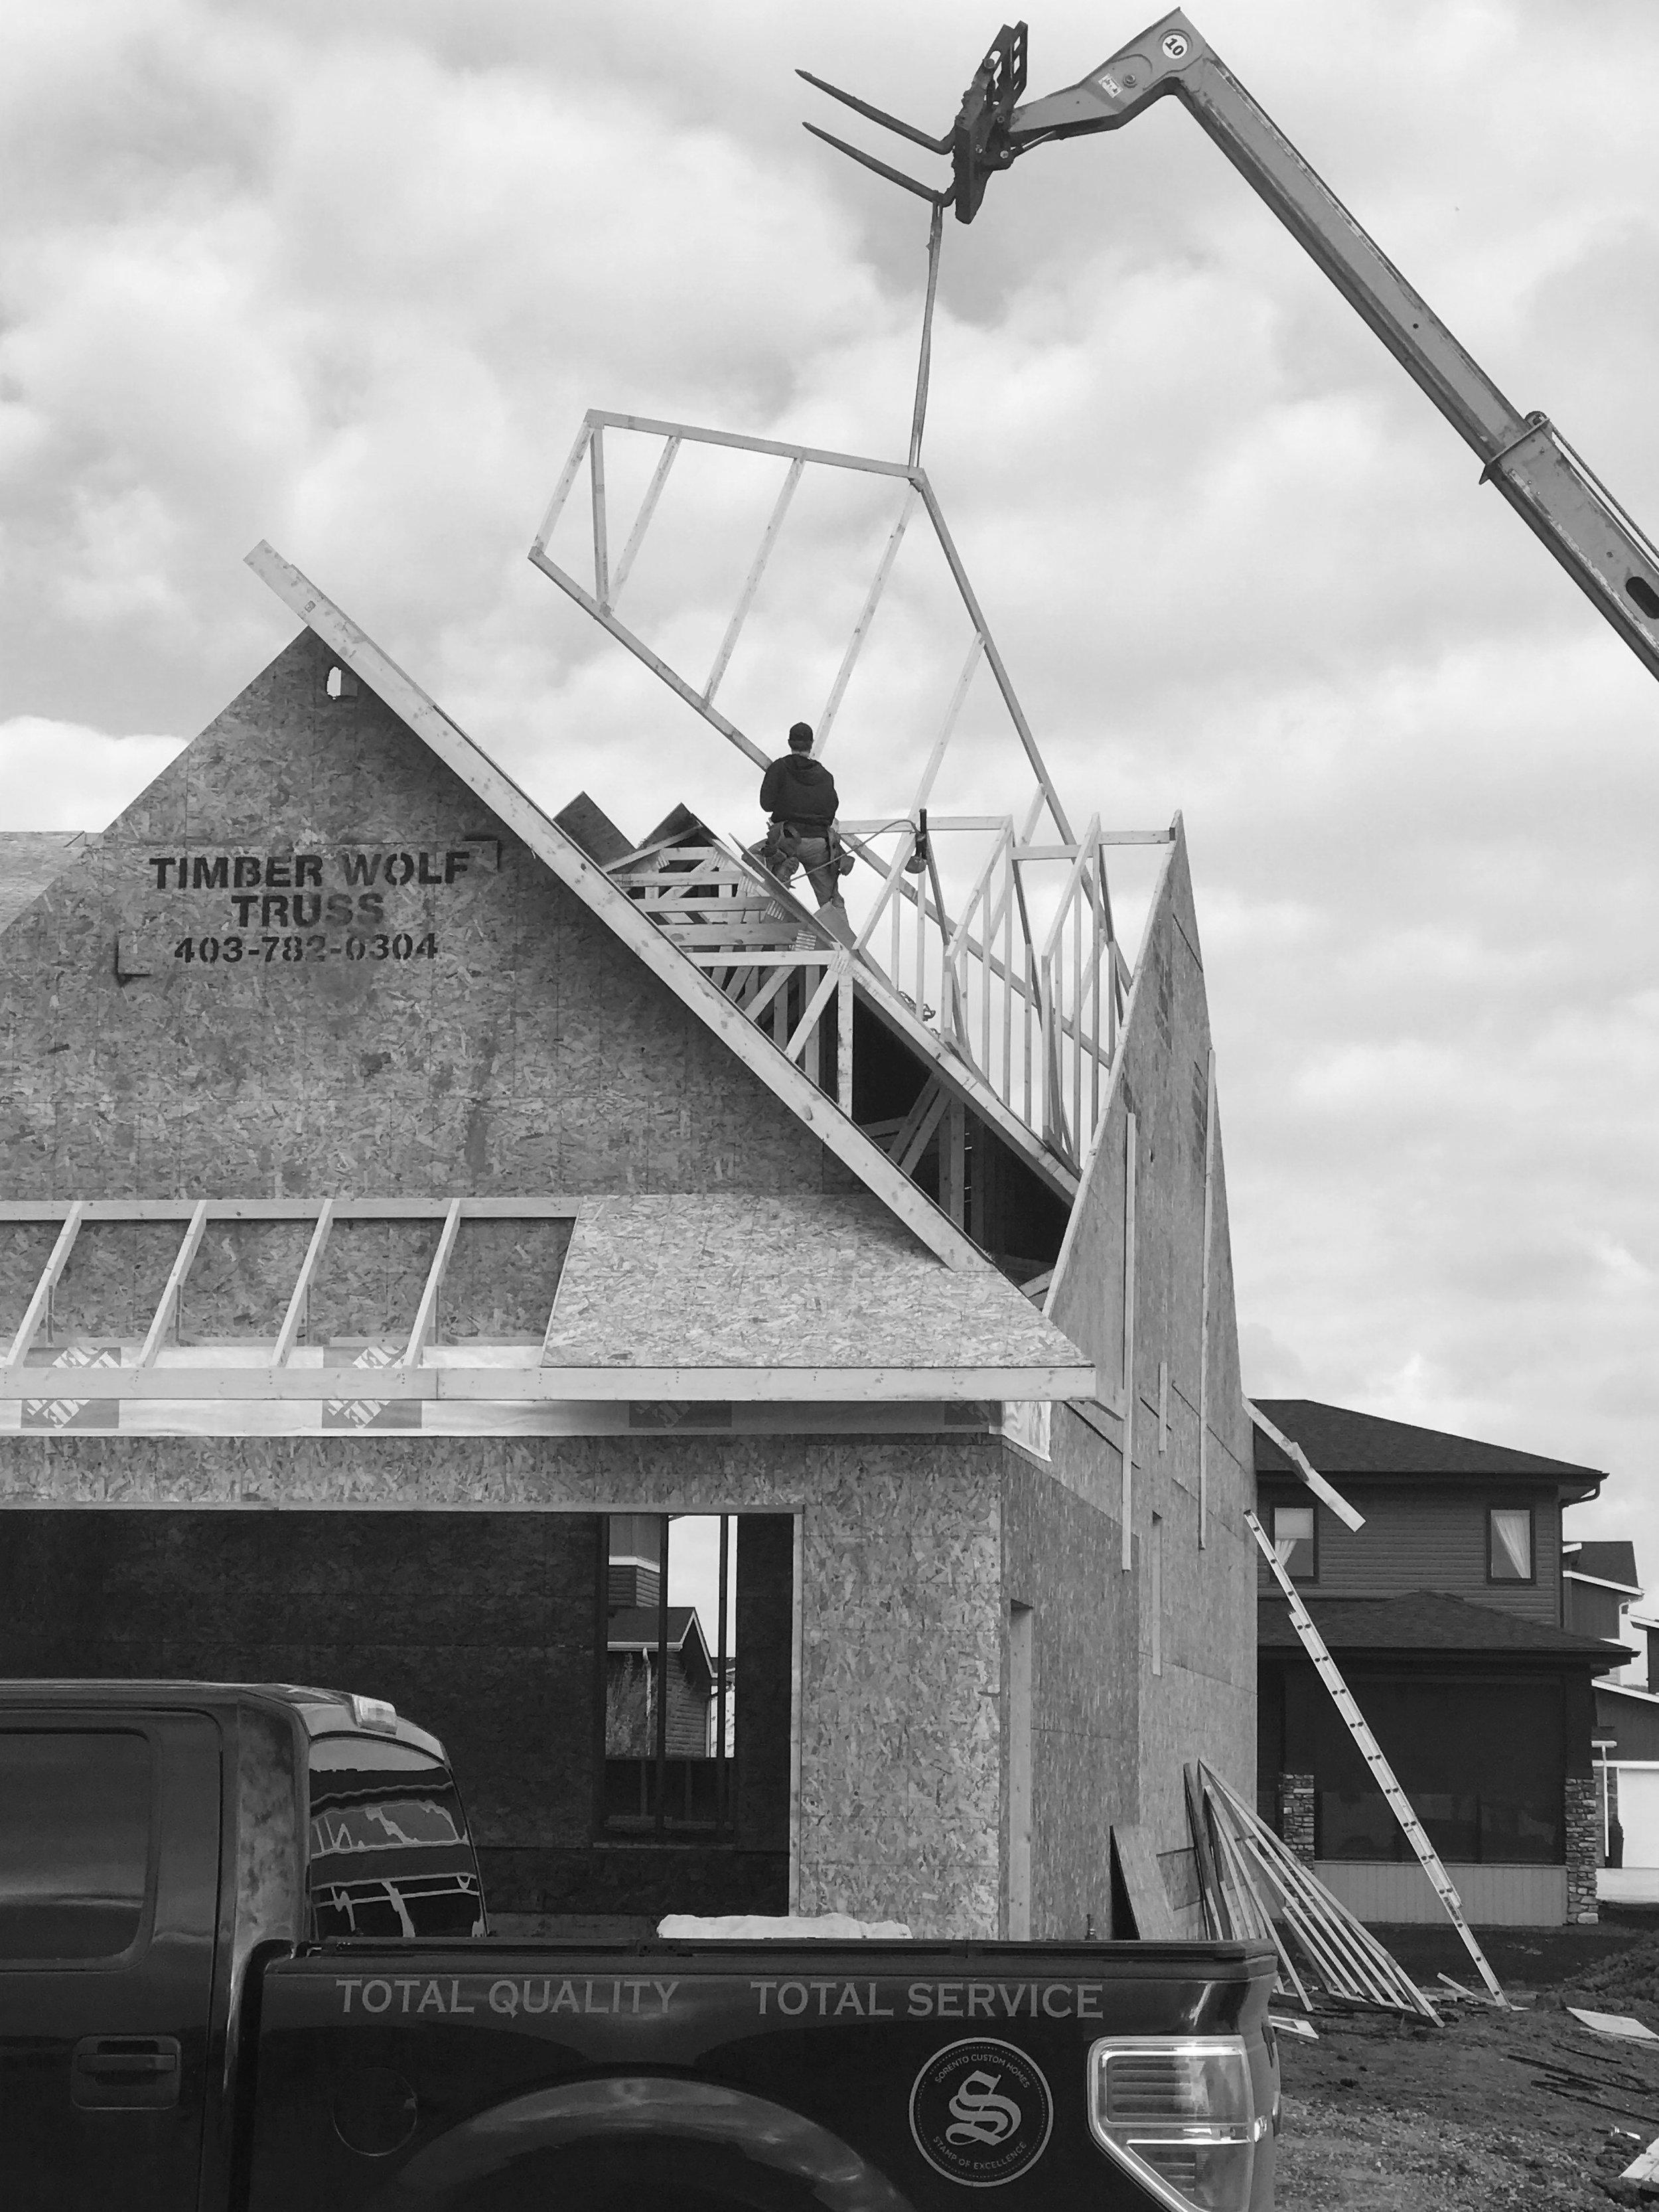 Cedargrove Construction